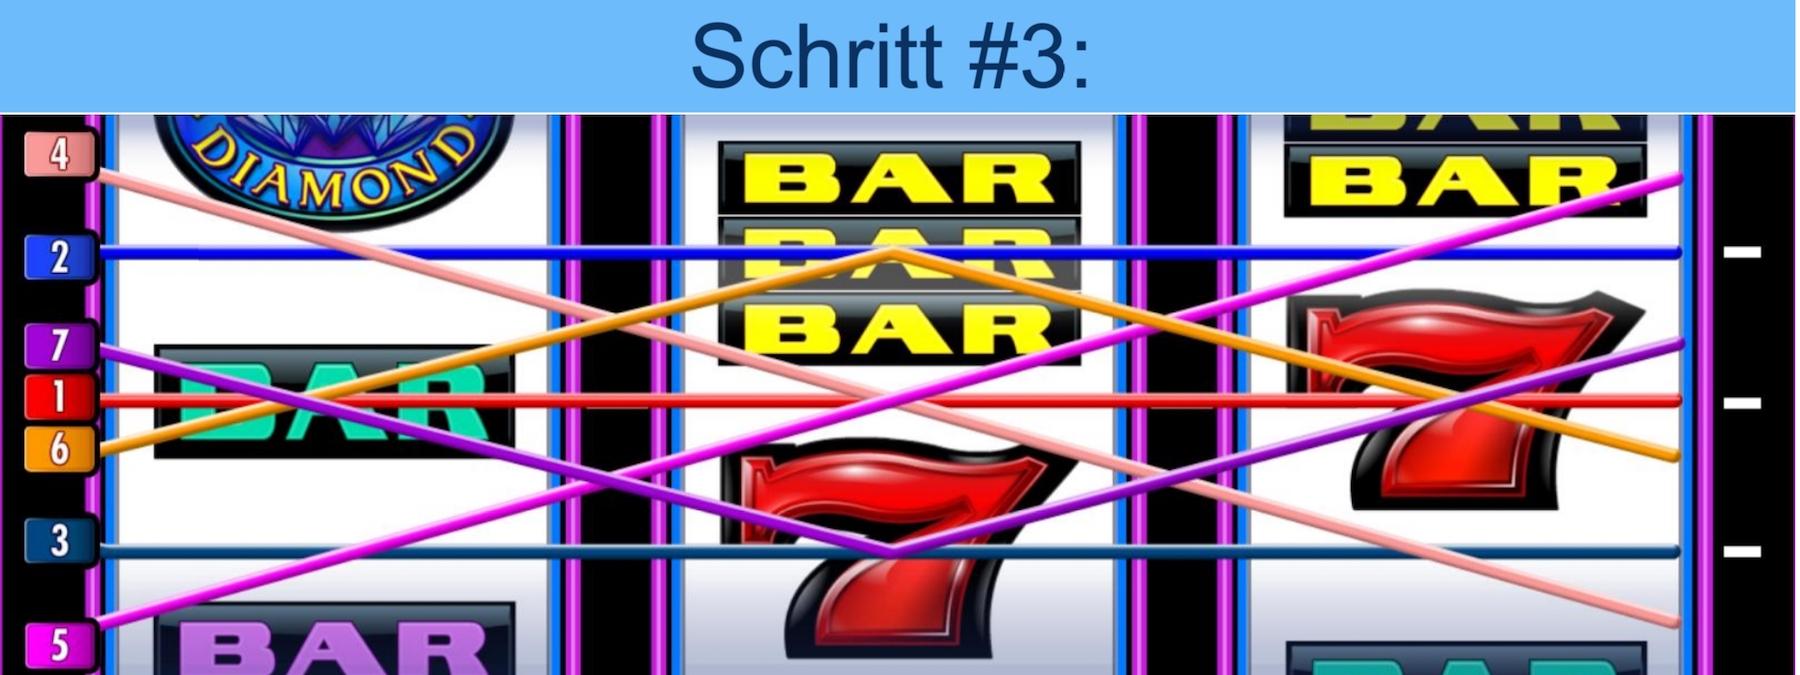 Schritt-3 Spielautomaten